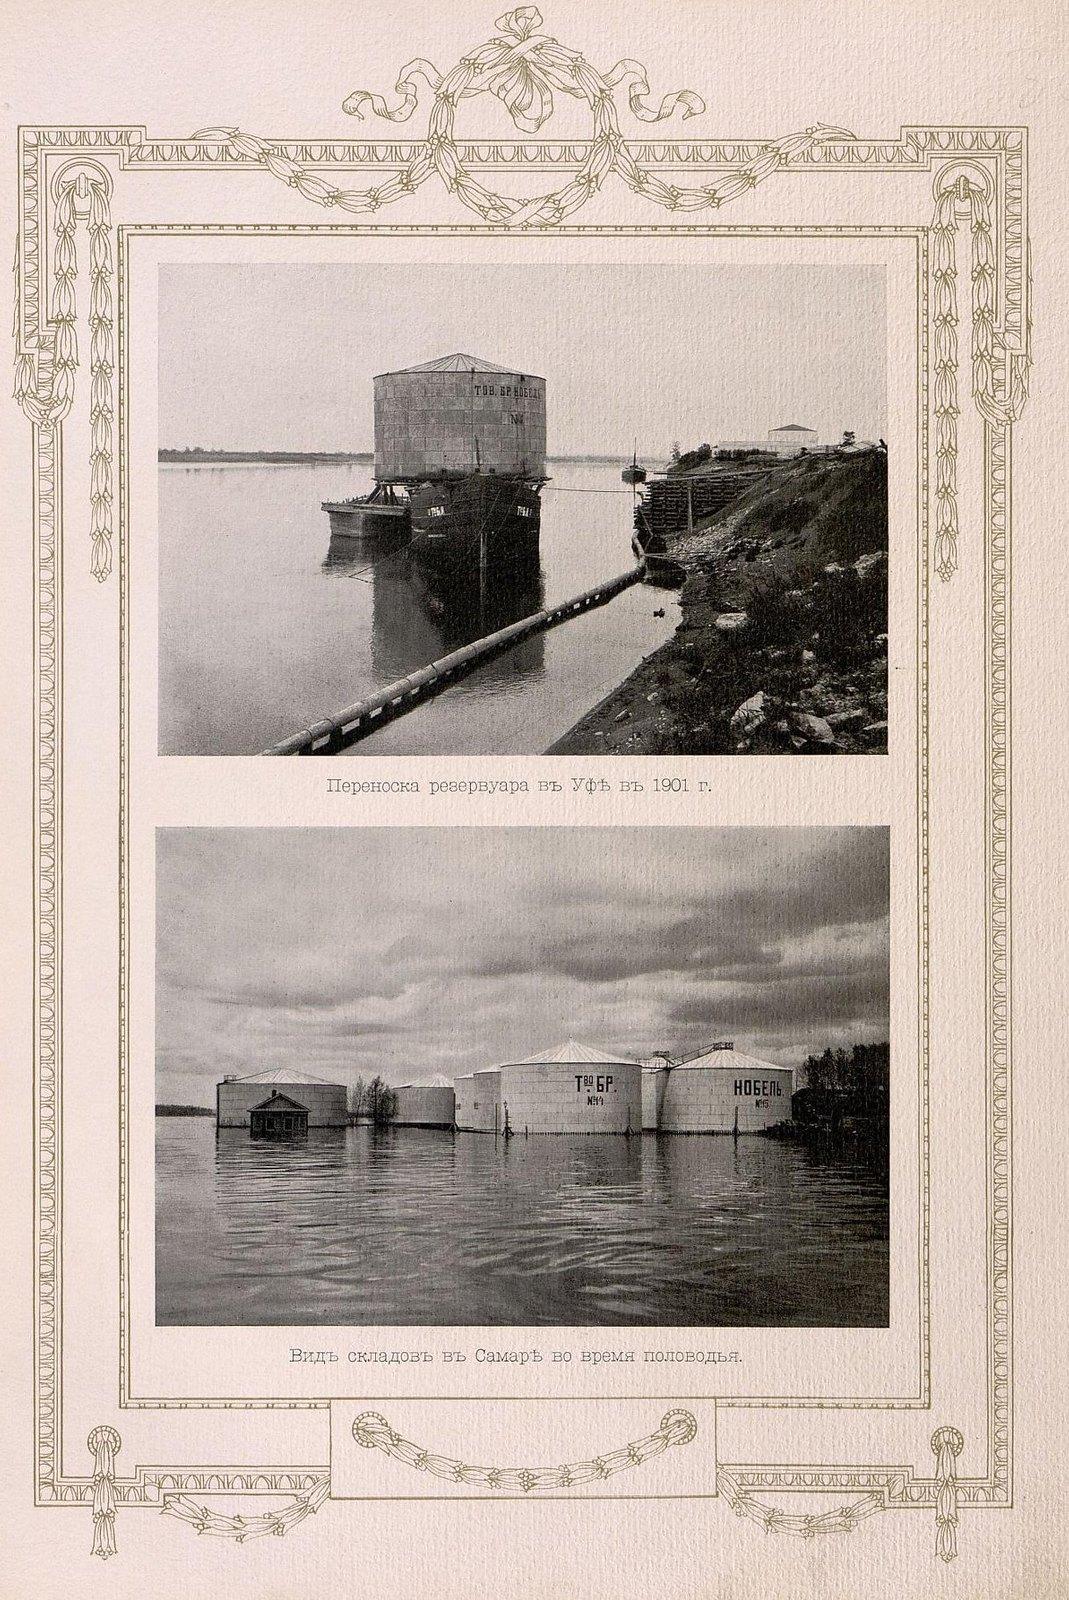 31. Переноска резервуаров в Уфе в 1901 г. Вид складов в Самаре во время половодья